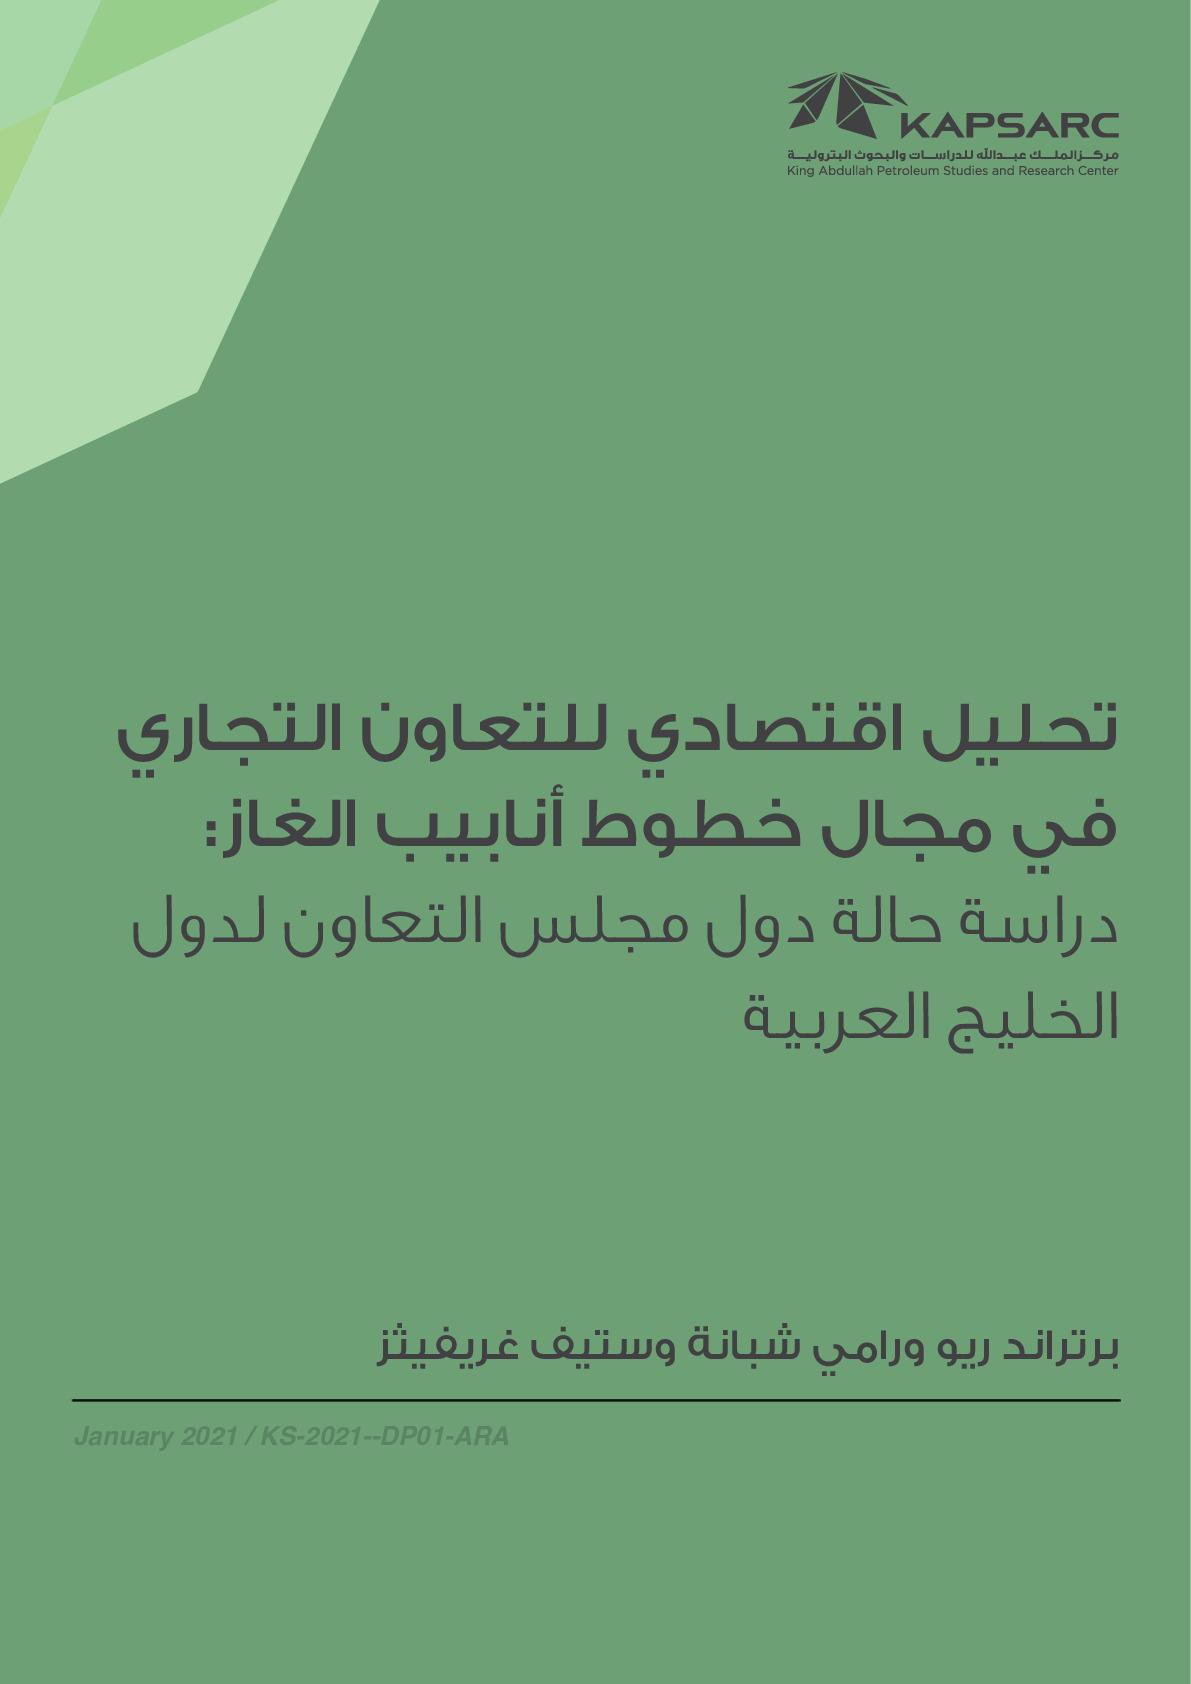 تحليل اقتصادي للتعاون التجاري في مجال خطوط أنابيب الغاز: دراسة حالة دول مجلس التعاون لدول الخليج العربية